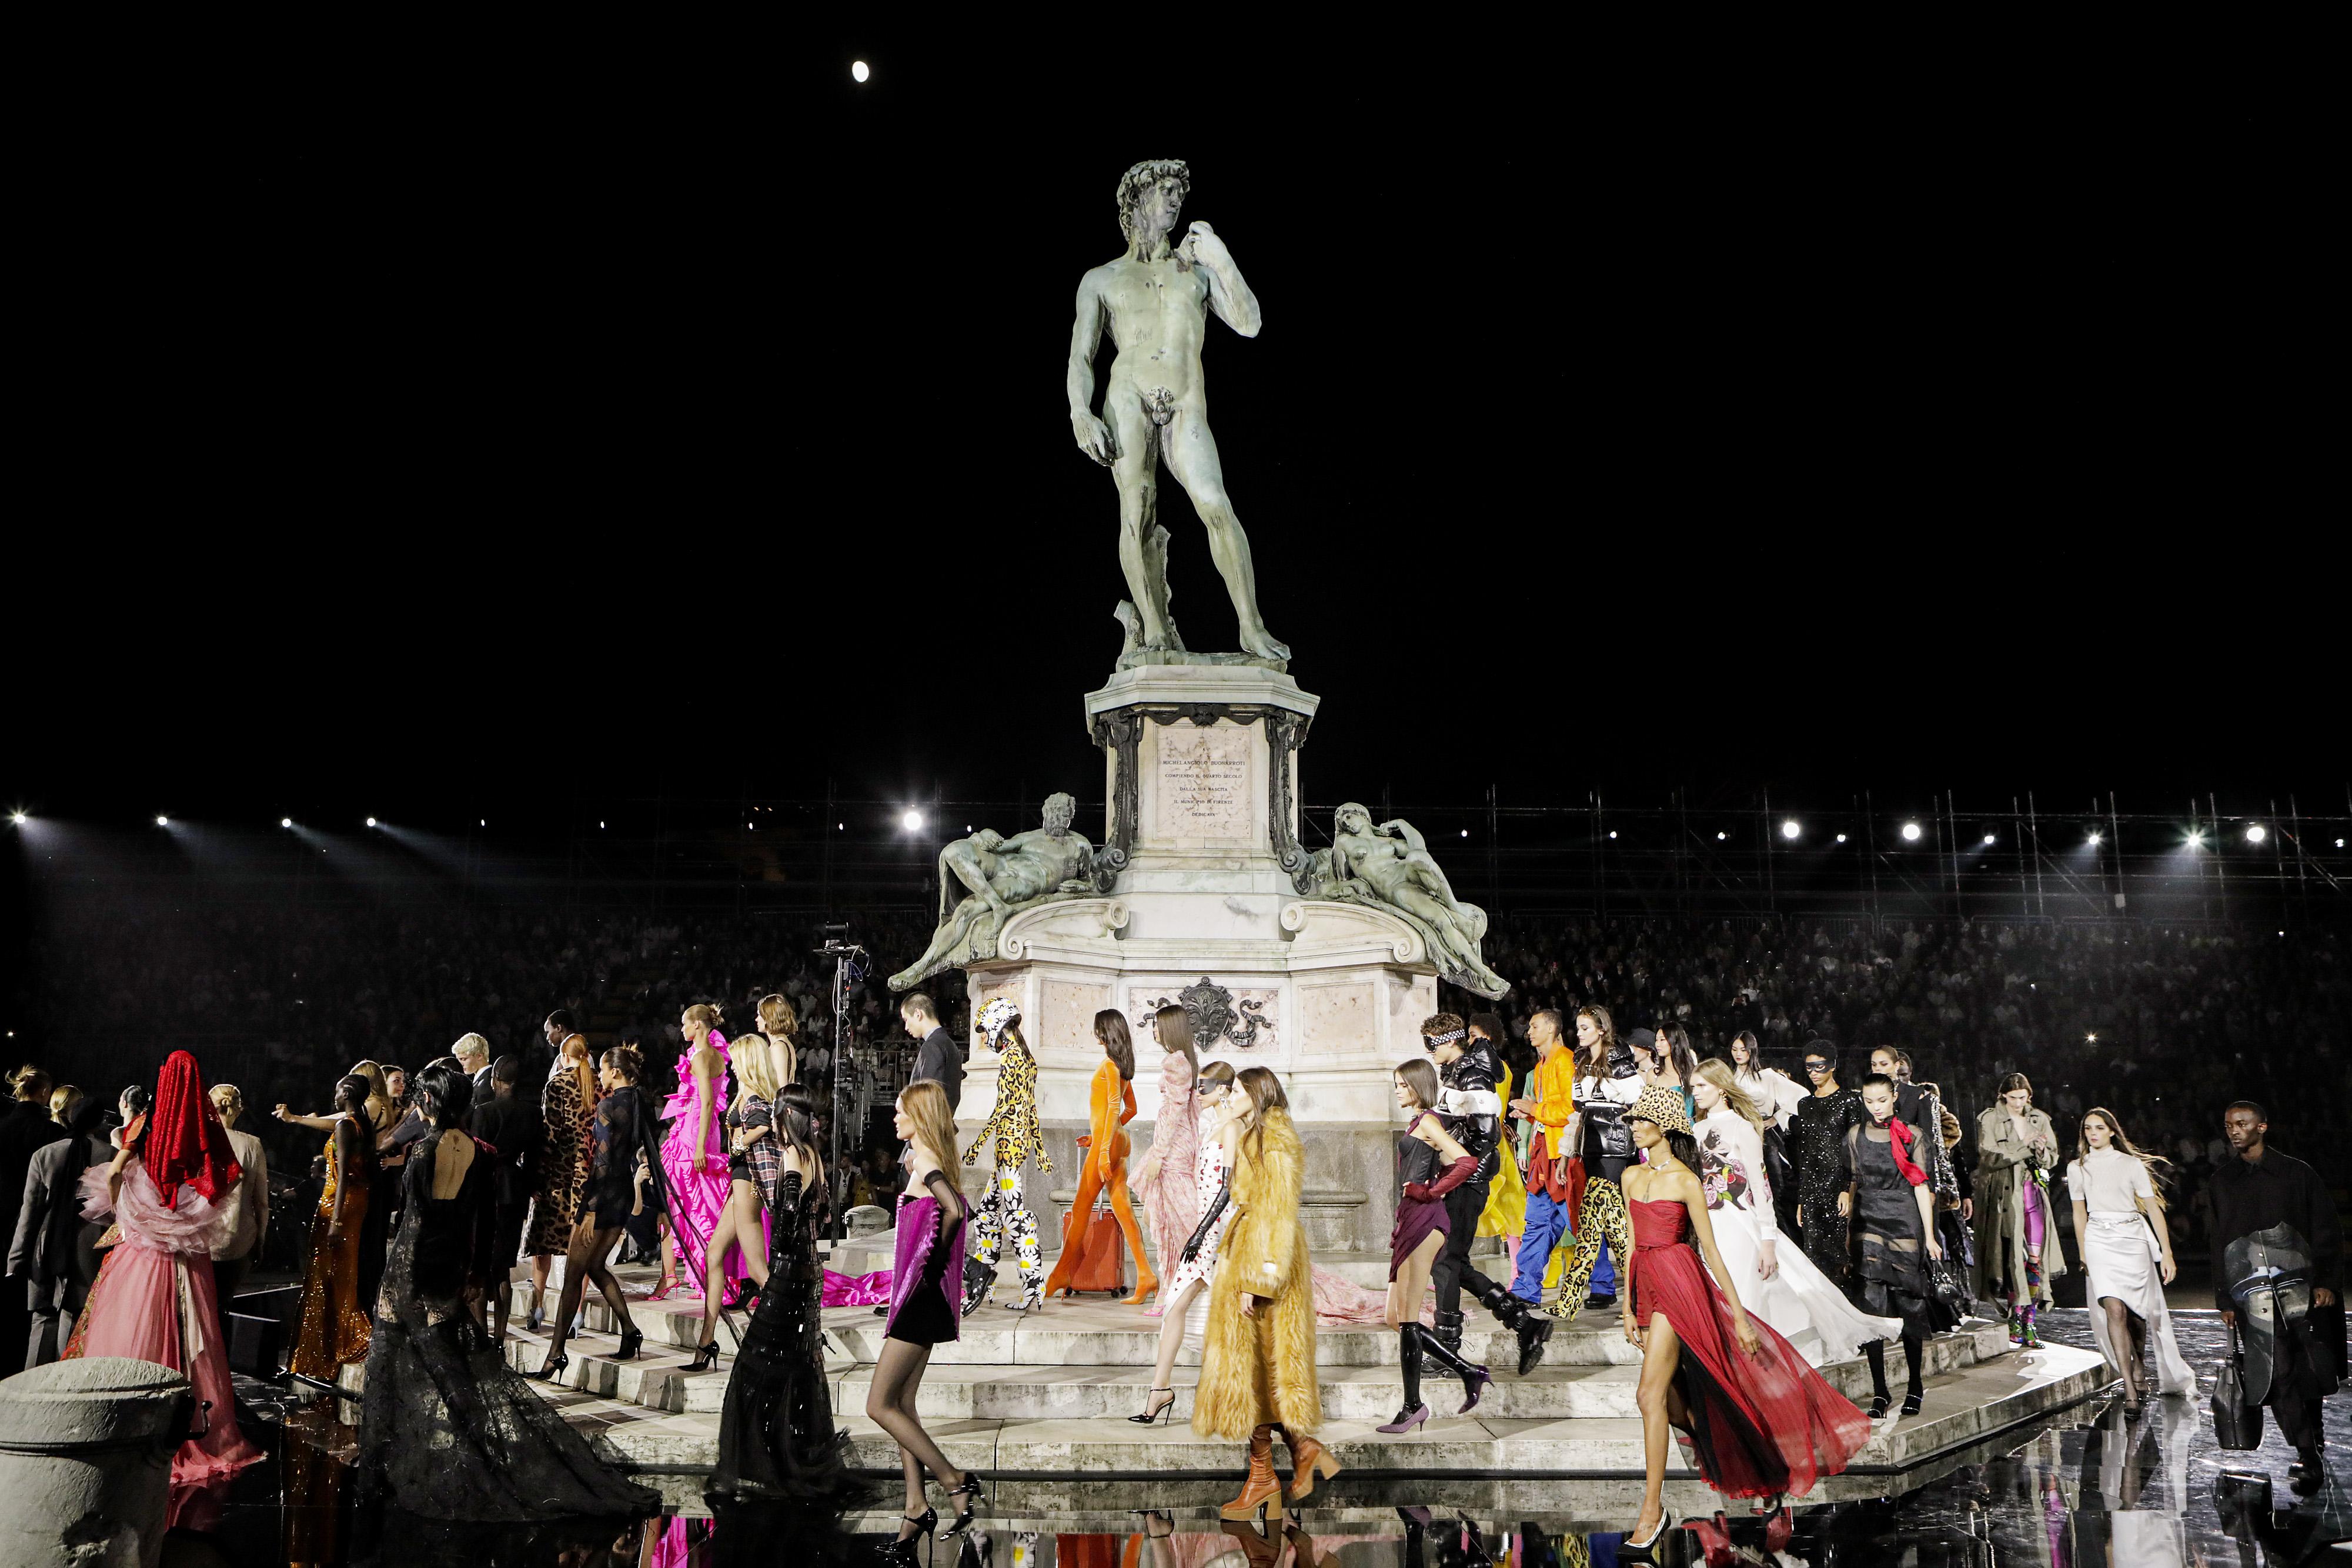 Около 4000 хиляди гости уважиха грандиозното дефиле на онлайн гигантът LuisaViaRoma във Флоренция по случай 90-годишнината му. Екстравагантност е единствената дума, която може да опише случилото се - 102 визии, от които 61 дамски и 22 мъжки модела. Грандиозното дефиле, събрало едни от най-големите имена в модата, отбеляза и дебюта в организирането на ревю на Карин Ройтфелд и CR Runway.